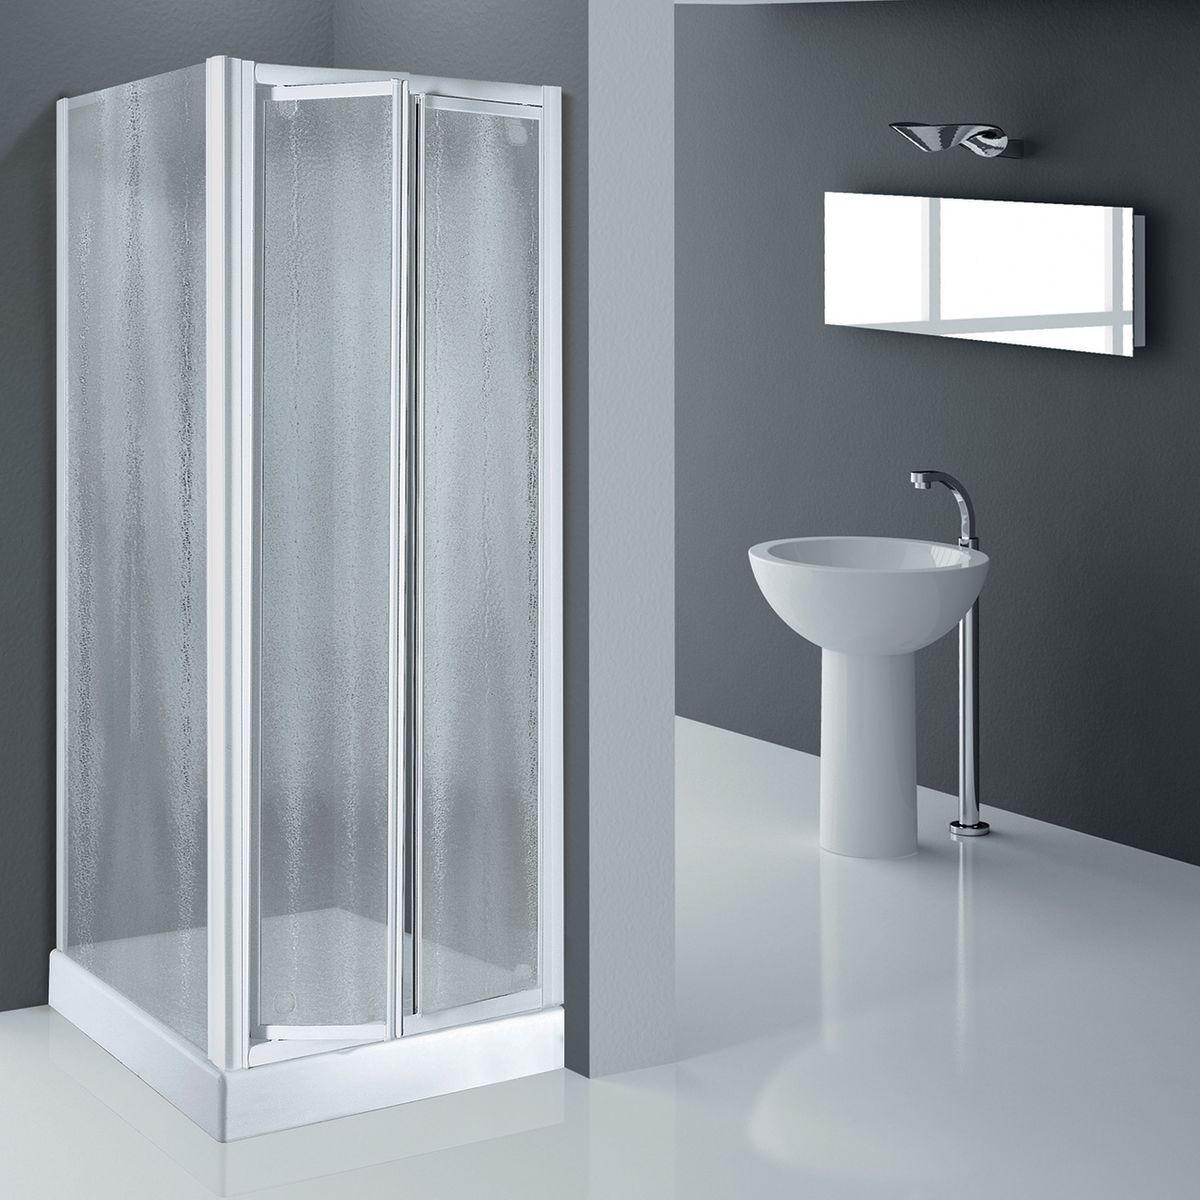 Accessori doccia leroy merlin accessori per bagno leroy for Piatto doccia leroy merlin